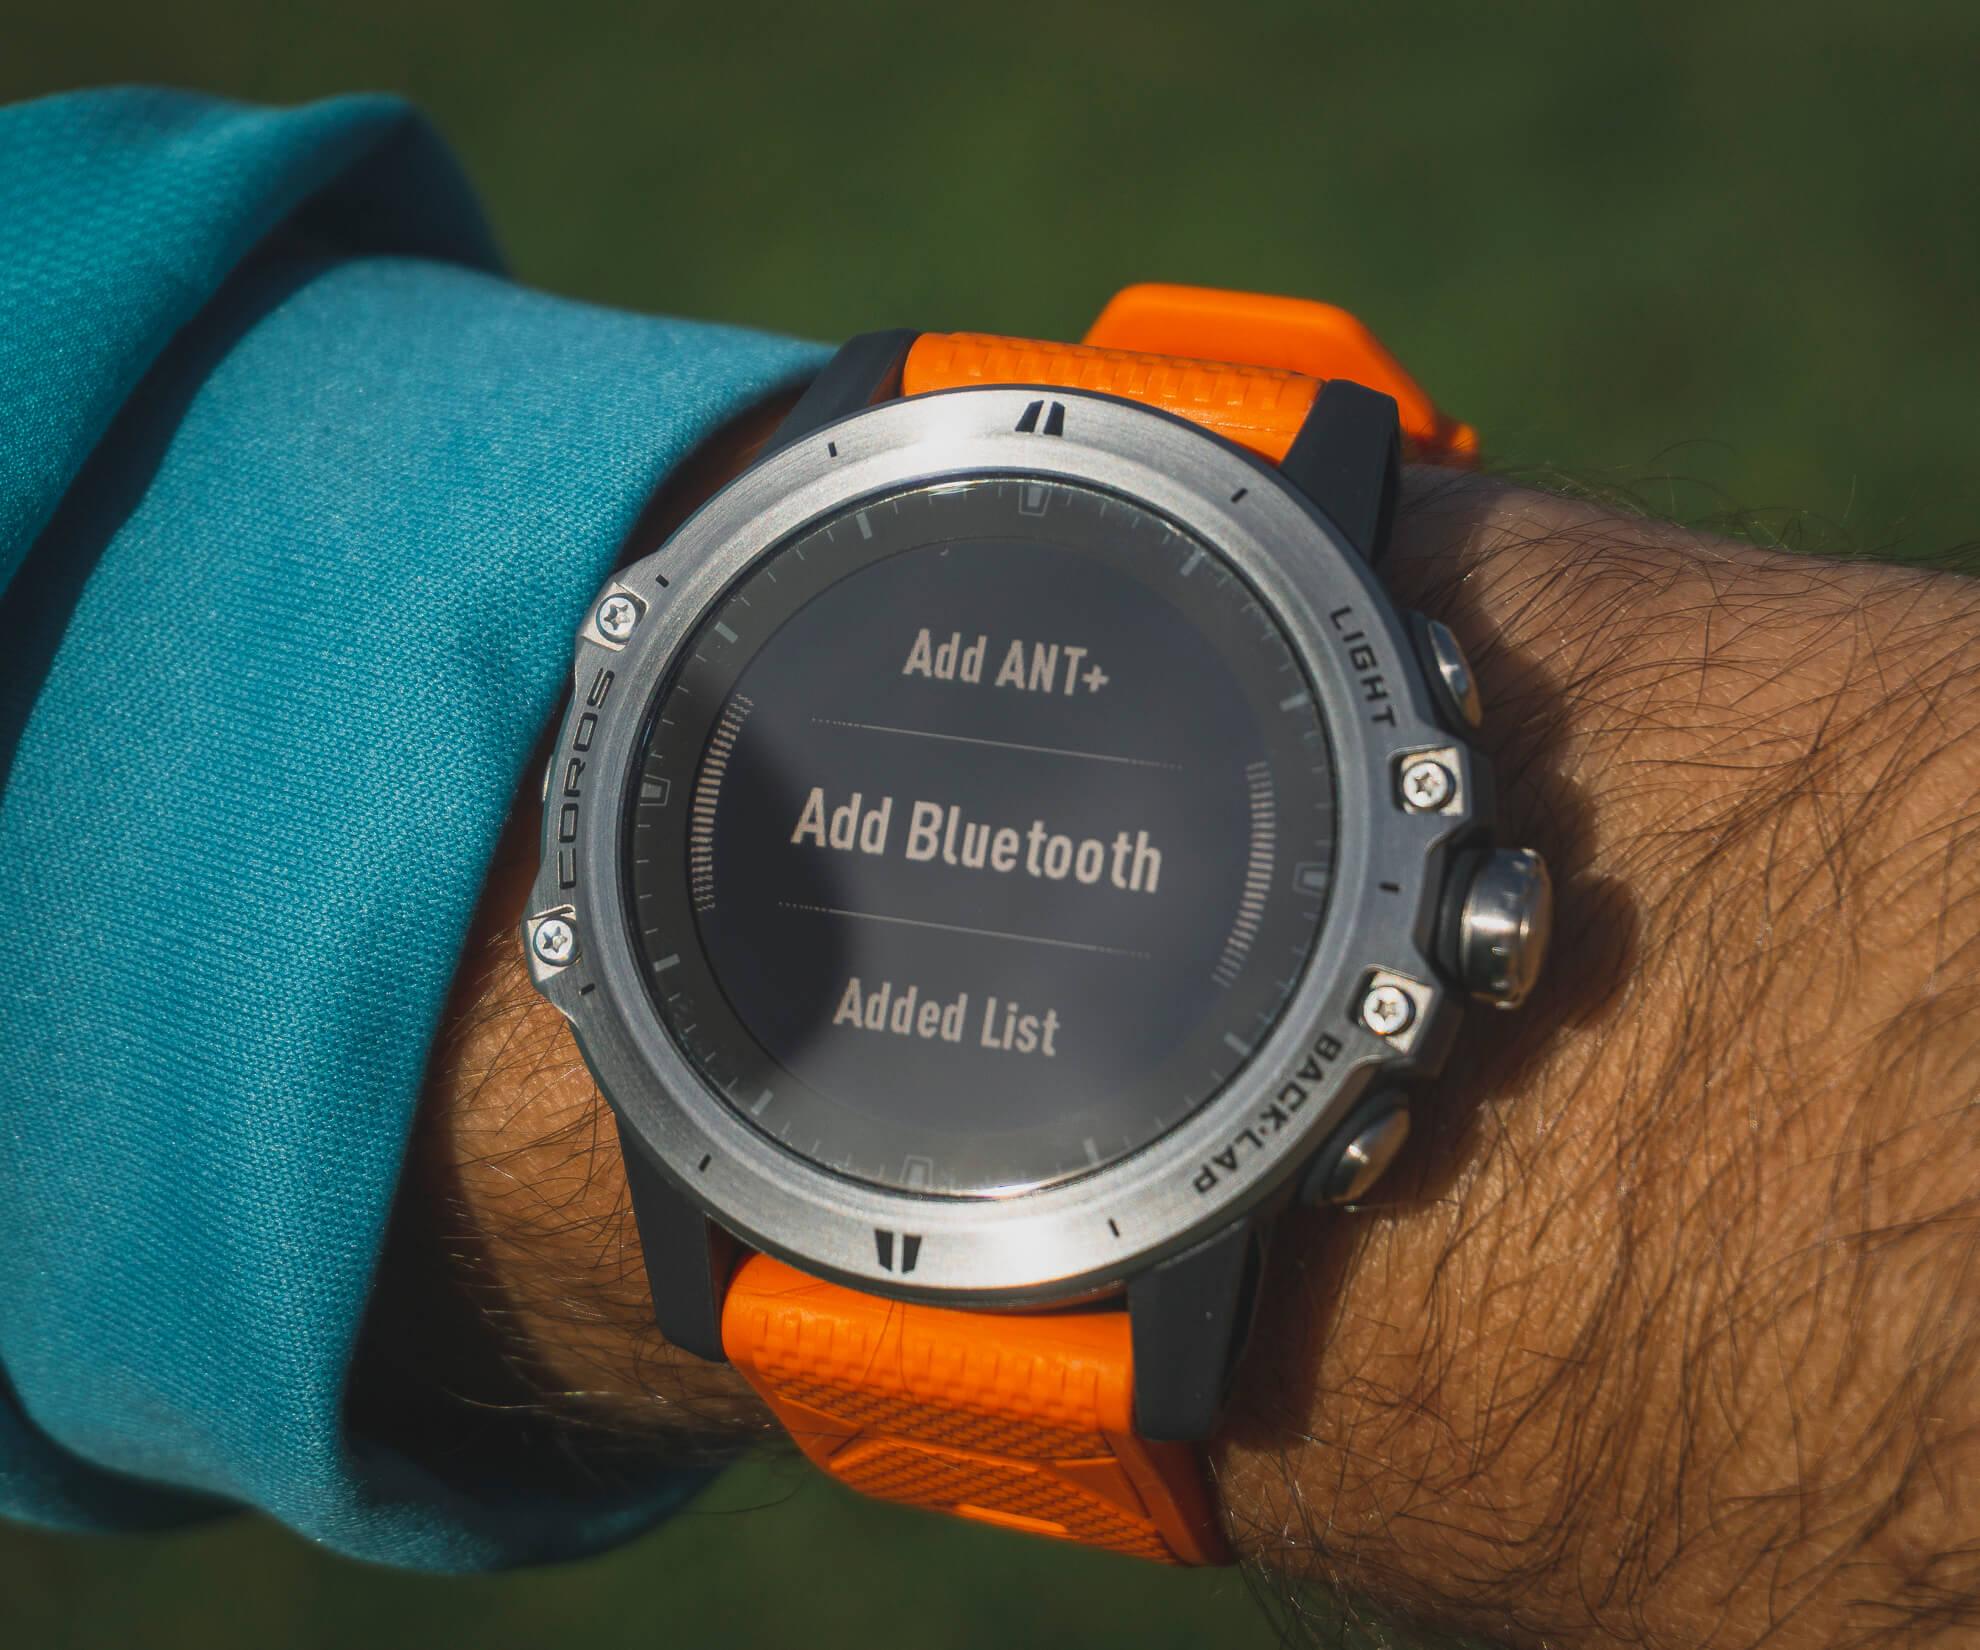 K hodinkám je možné pripojiť prídavné zariadenia (napr. hrudný pas alebo powermeter).